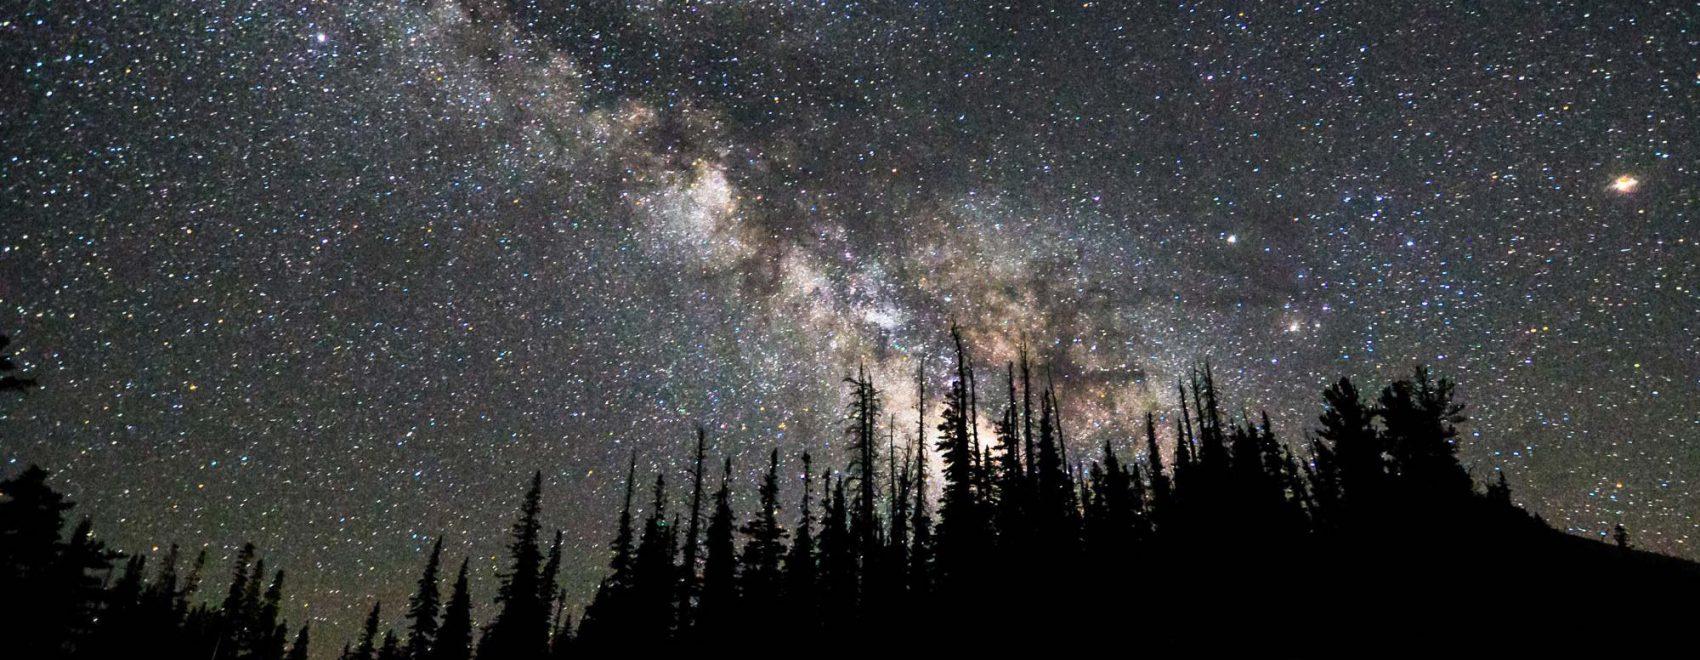 Milky Way over Cedar Breaks | NPS Photo by Zach Schierl